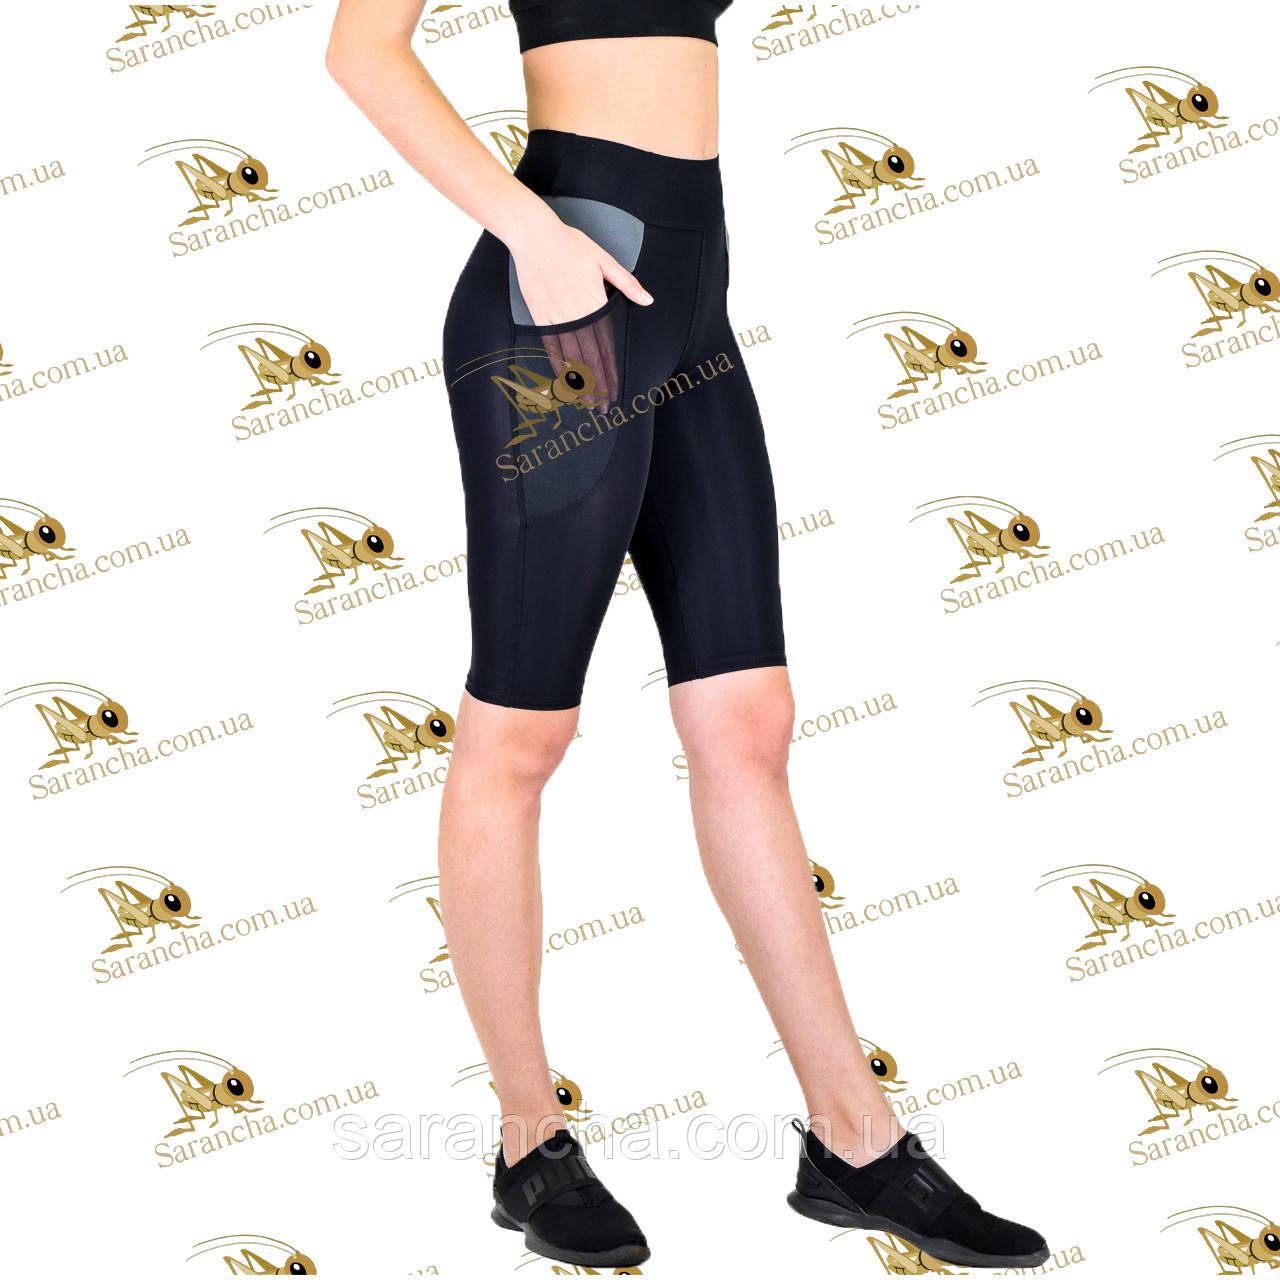 Жіночі спортивні бриджі велосипедки з кишенями з сітки чорні з сірими вставками